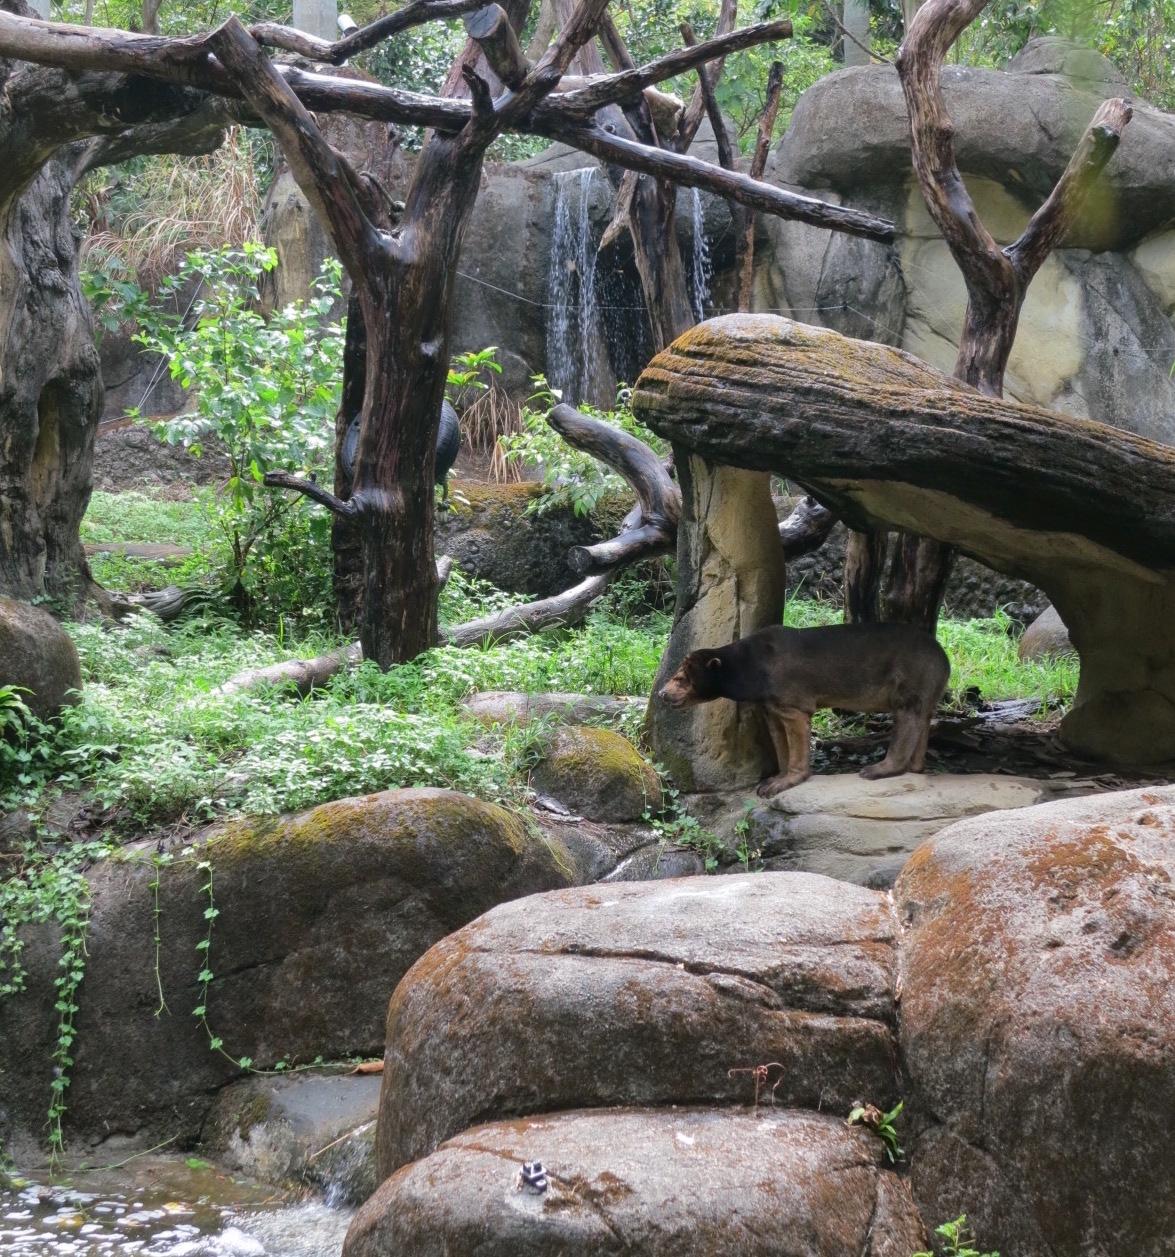 taipei_zoo_panda